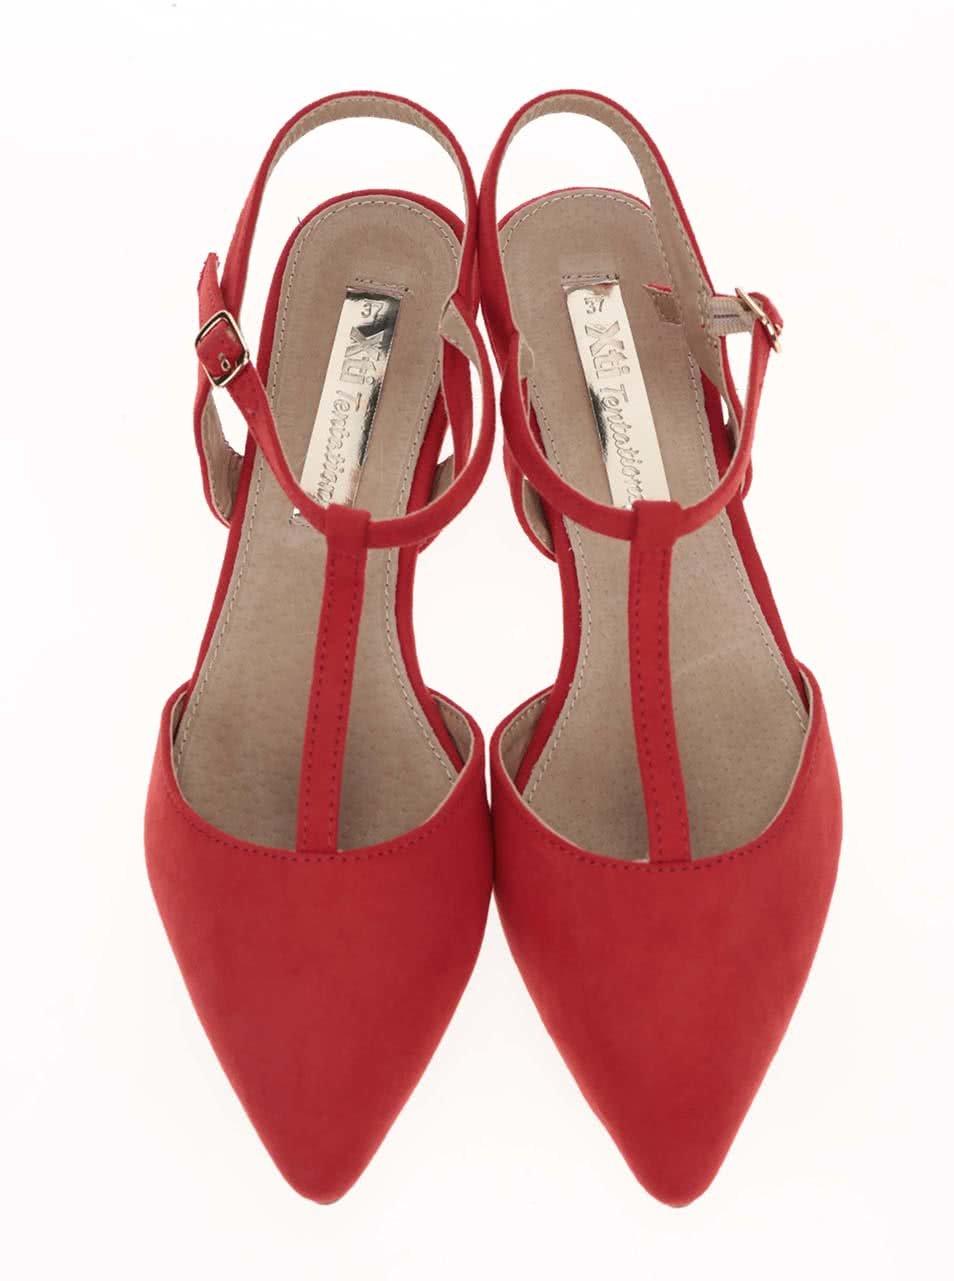 61997122d40b Červené sandálky s uzavřenou špičkou Xti ...